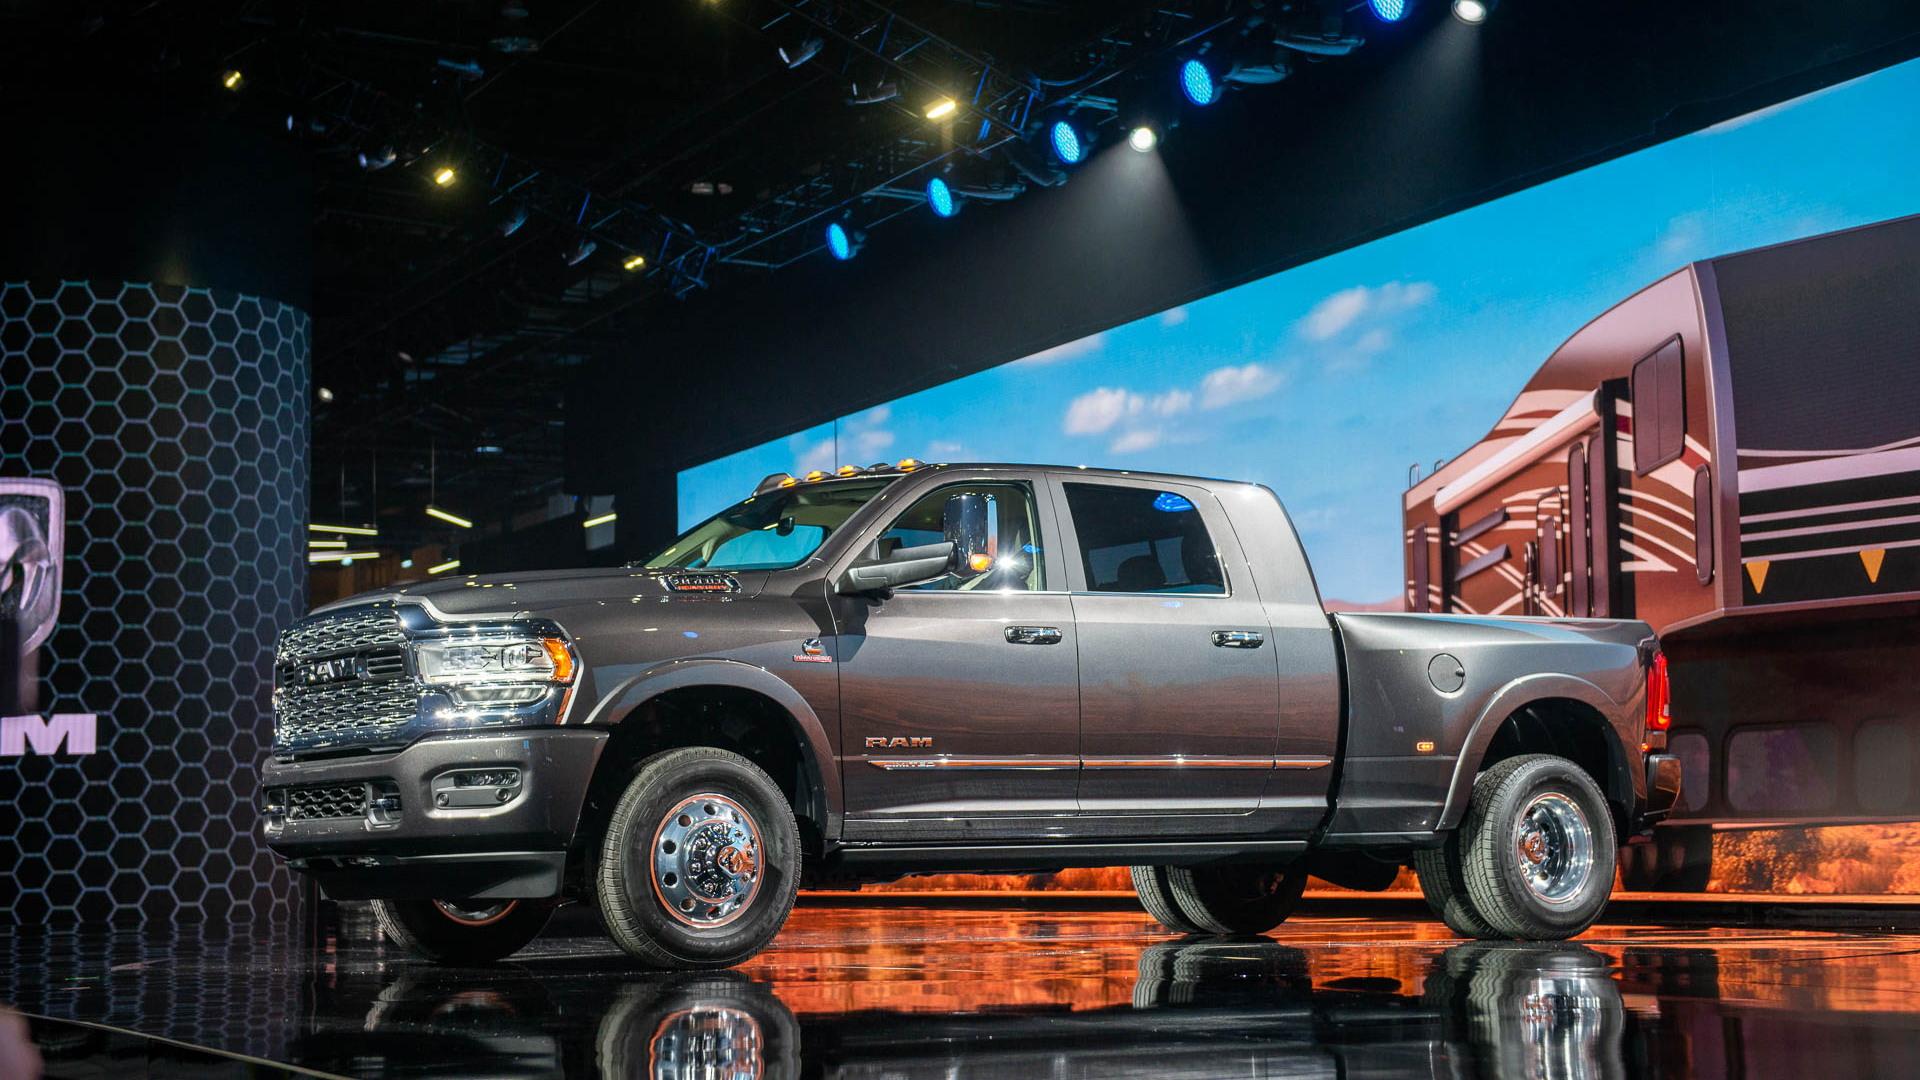 2019 Ram 2500 Heavy Duty truck reporting for duty: New ...